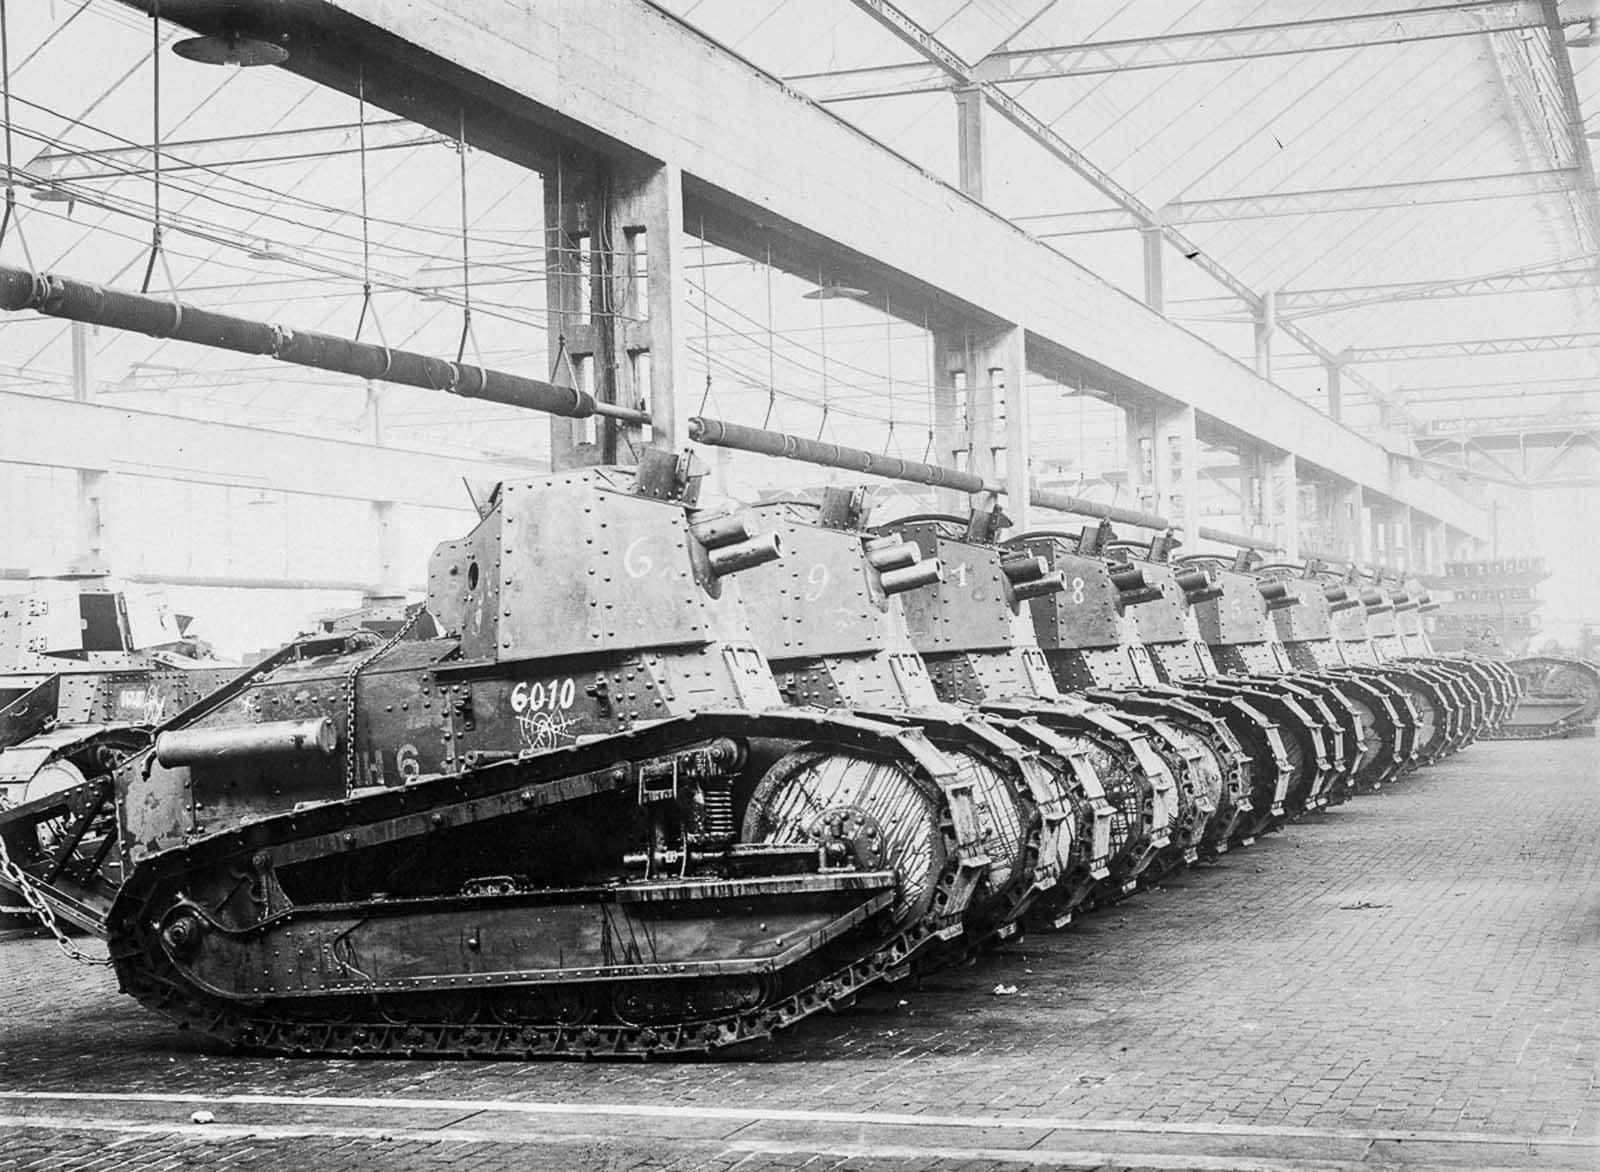 Los primeros tanques Renault construidos para el combate en la Primera Guerra Mundial en una fábrica en Francia. 1916.